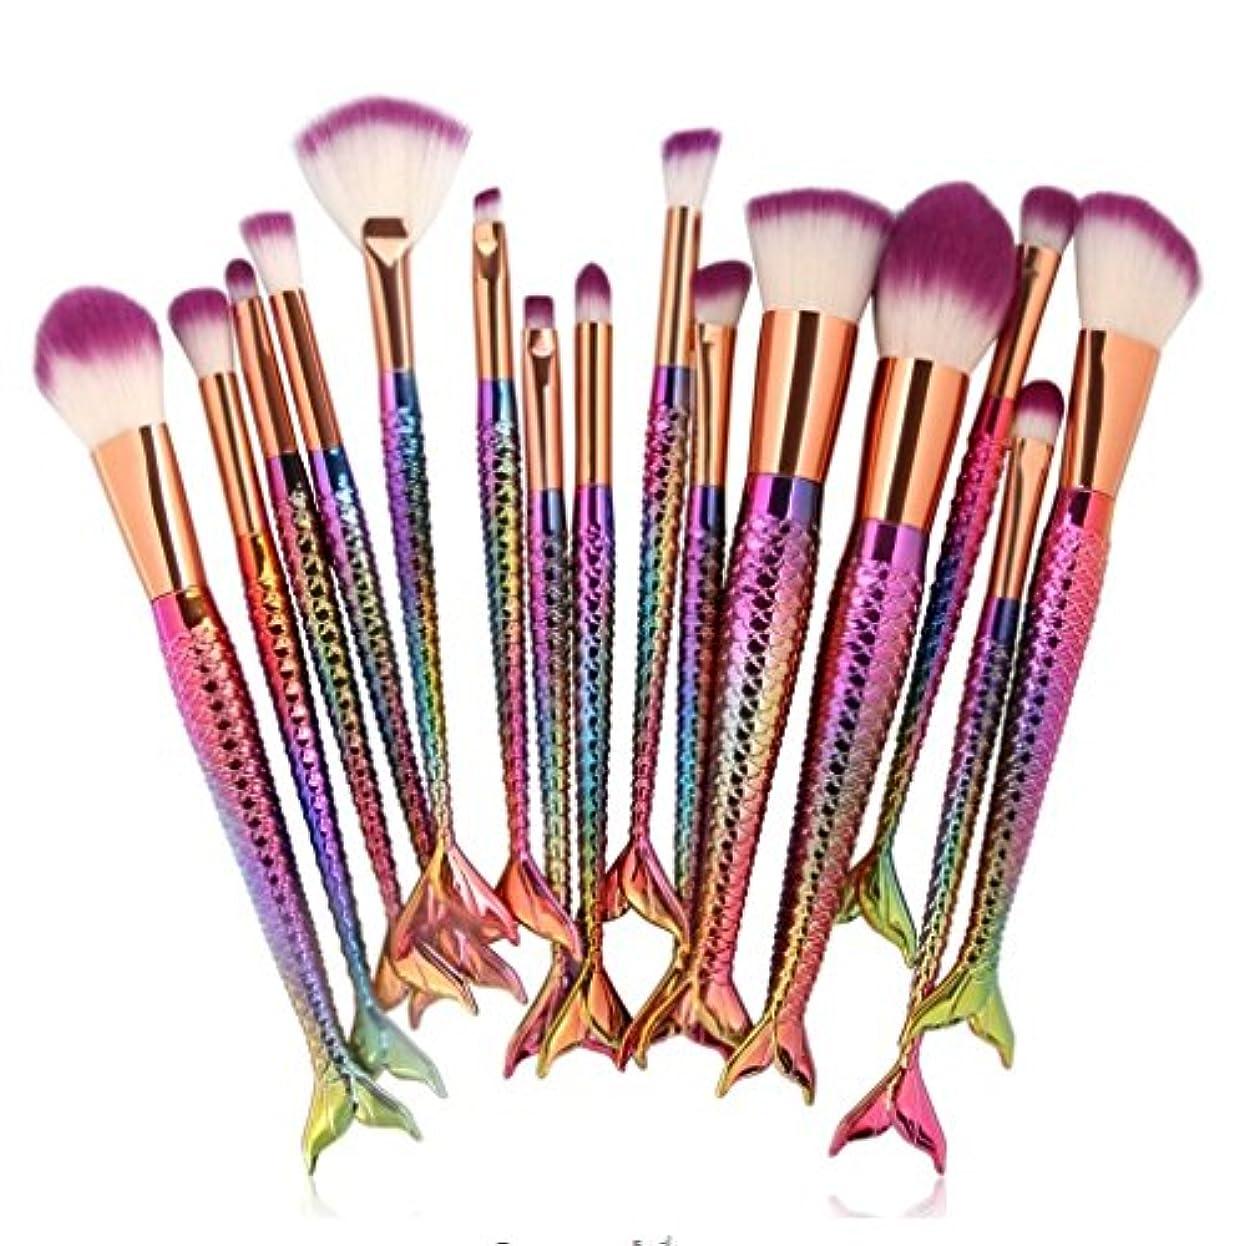 導体勃起宣言する15pcs Mermaid Makeup Brushes Set Eyeshadow Eyeliner Blush Blending Contour Foundation Cosmetic Beauty Make Up Brush Tools Kit